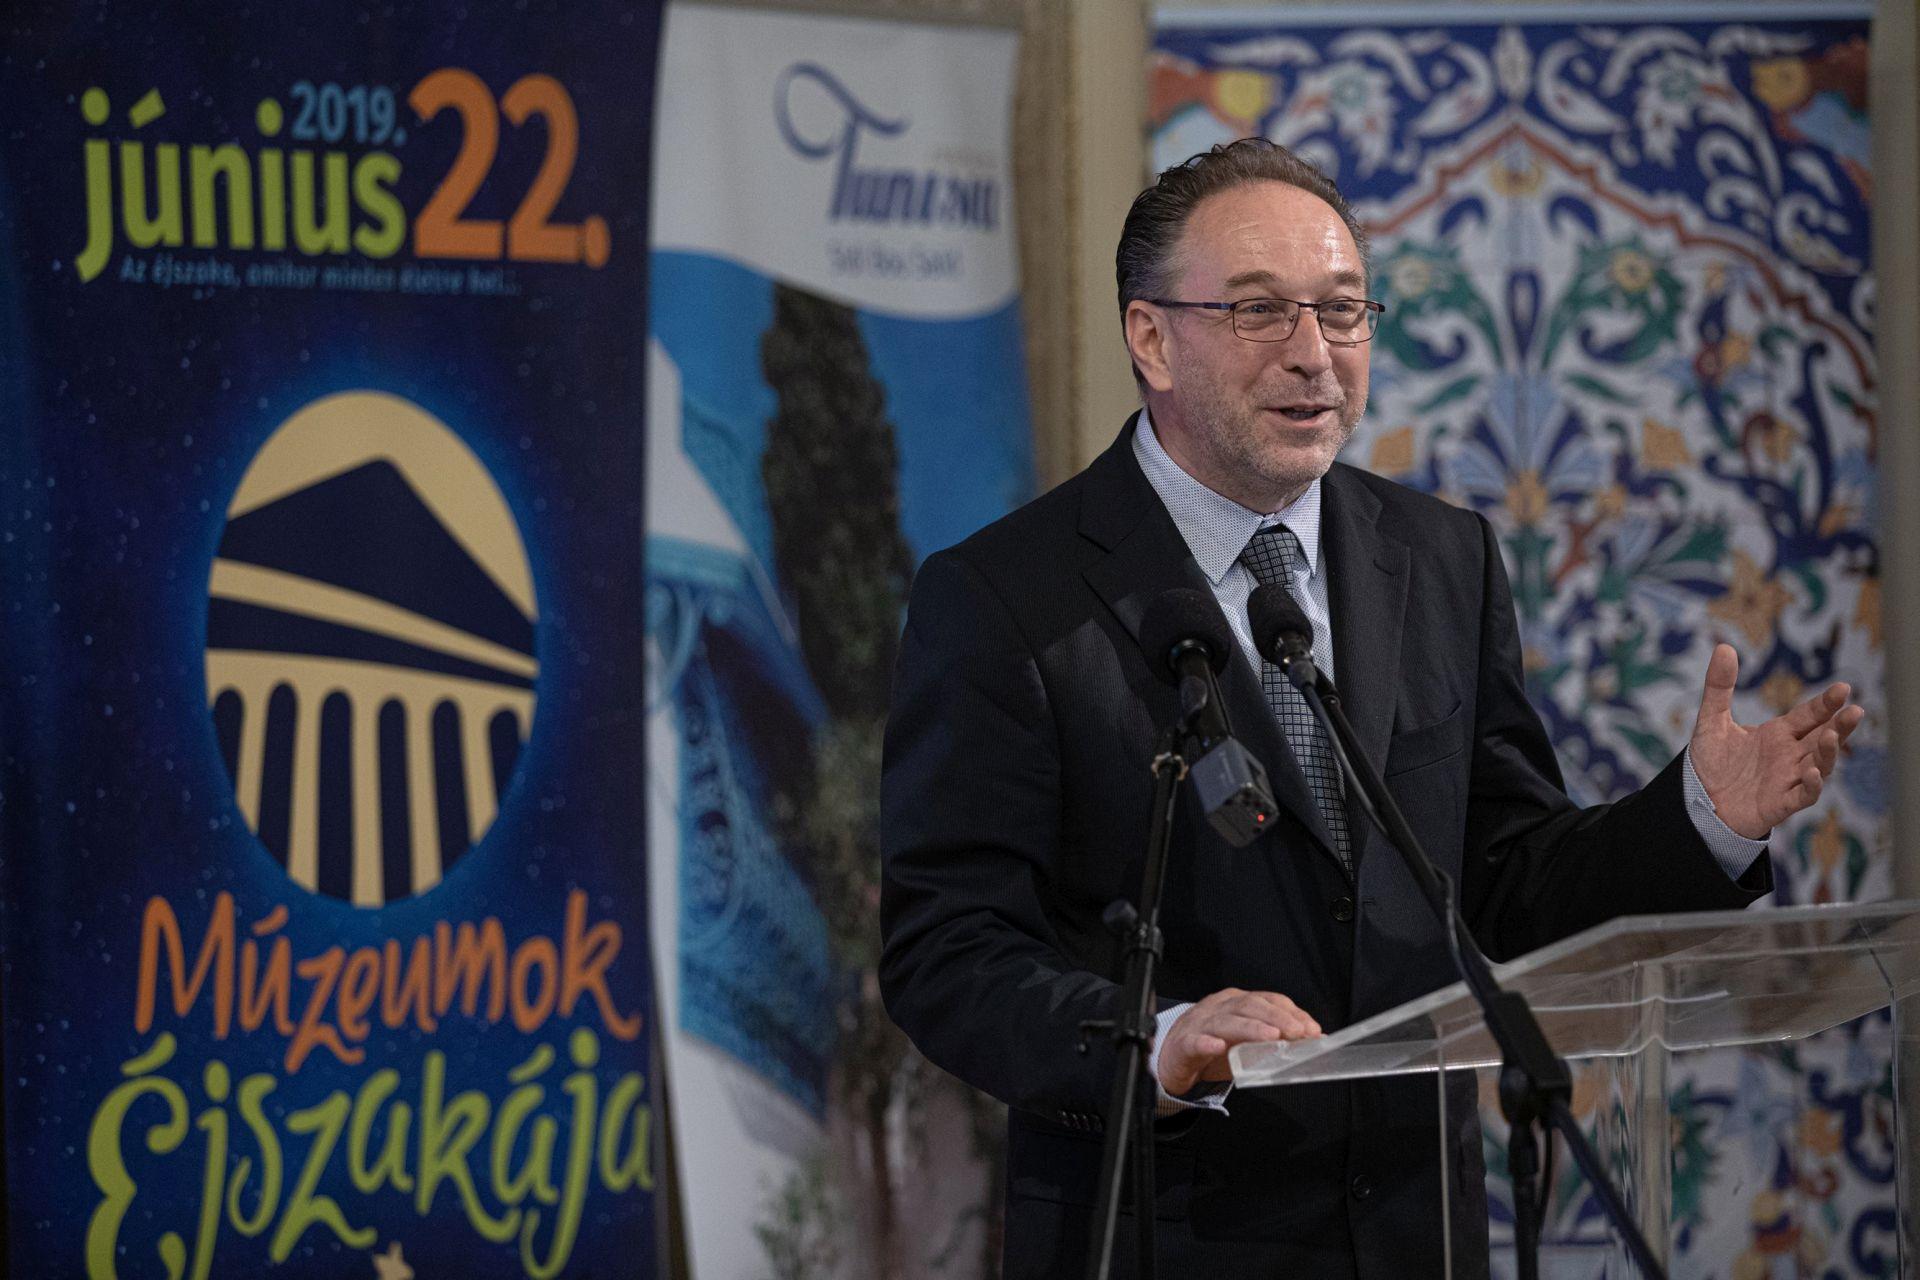 Múzeumok éjszakája – Kétezer program négyszáz intézményben